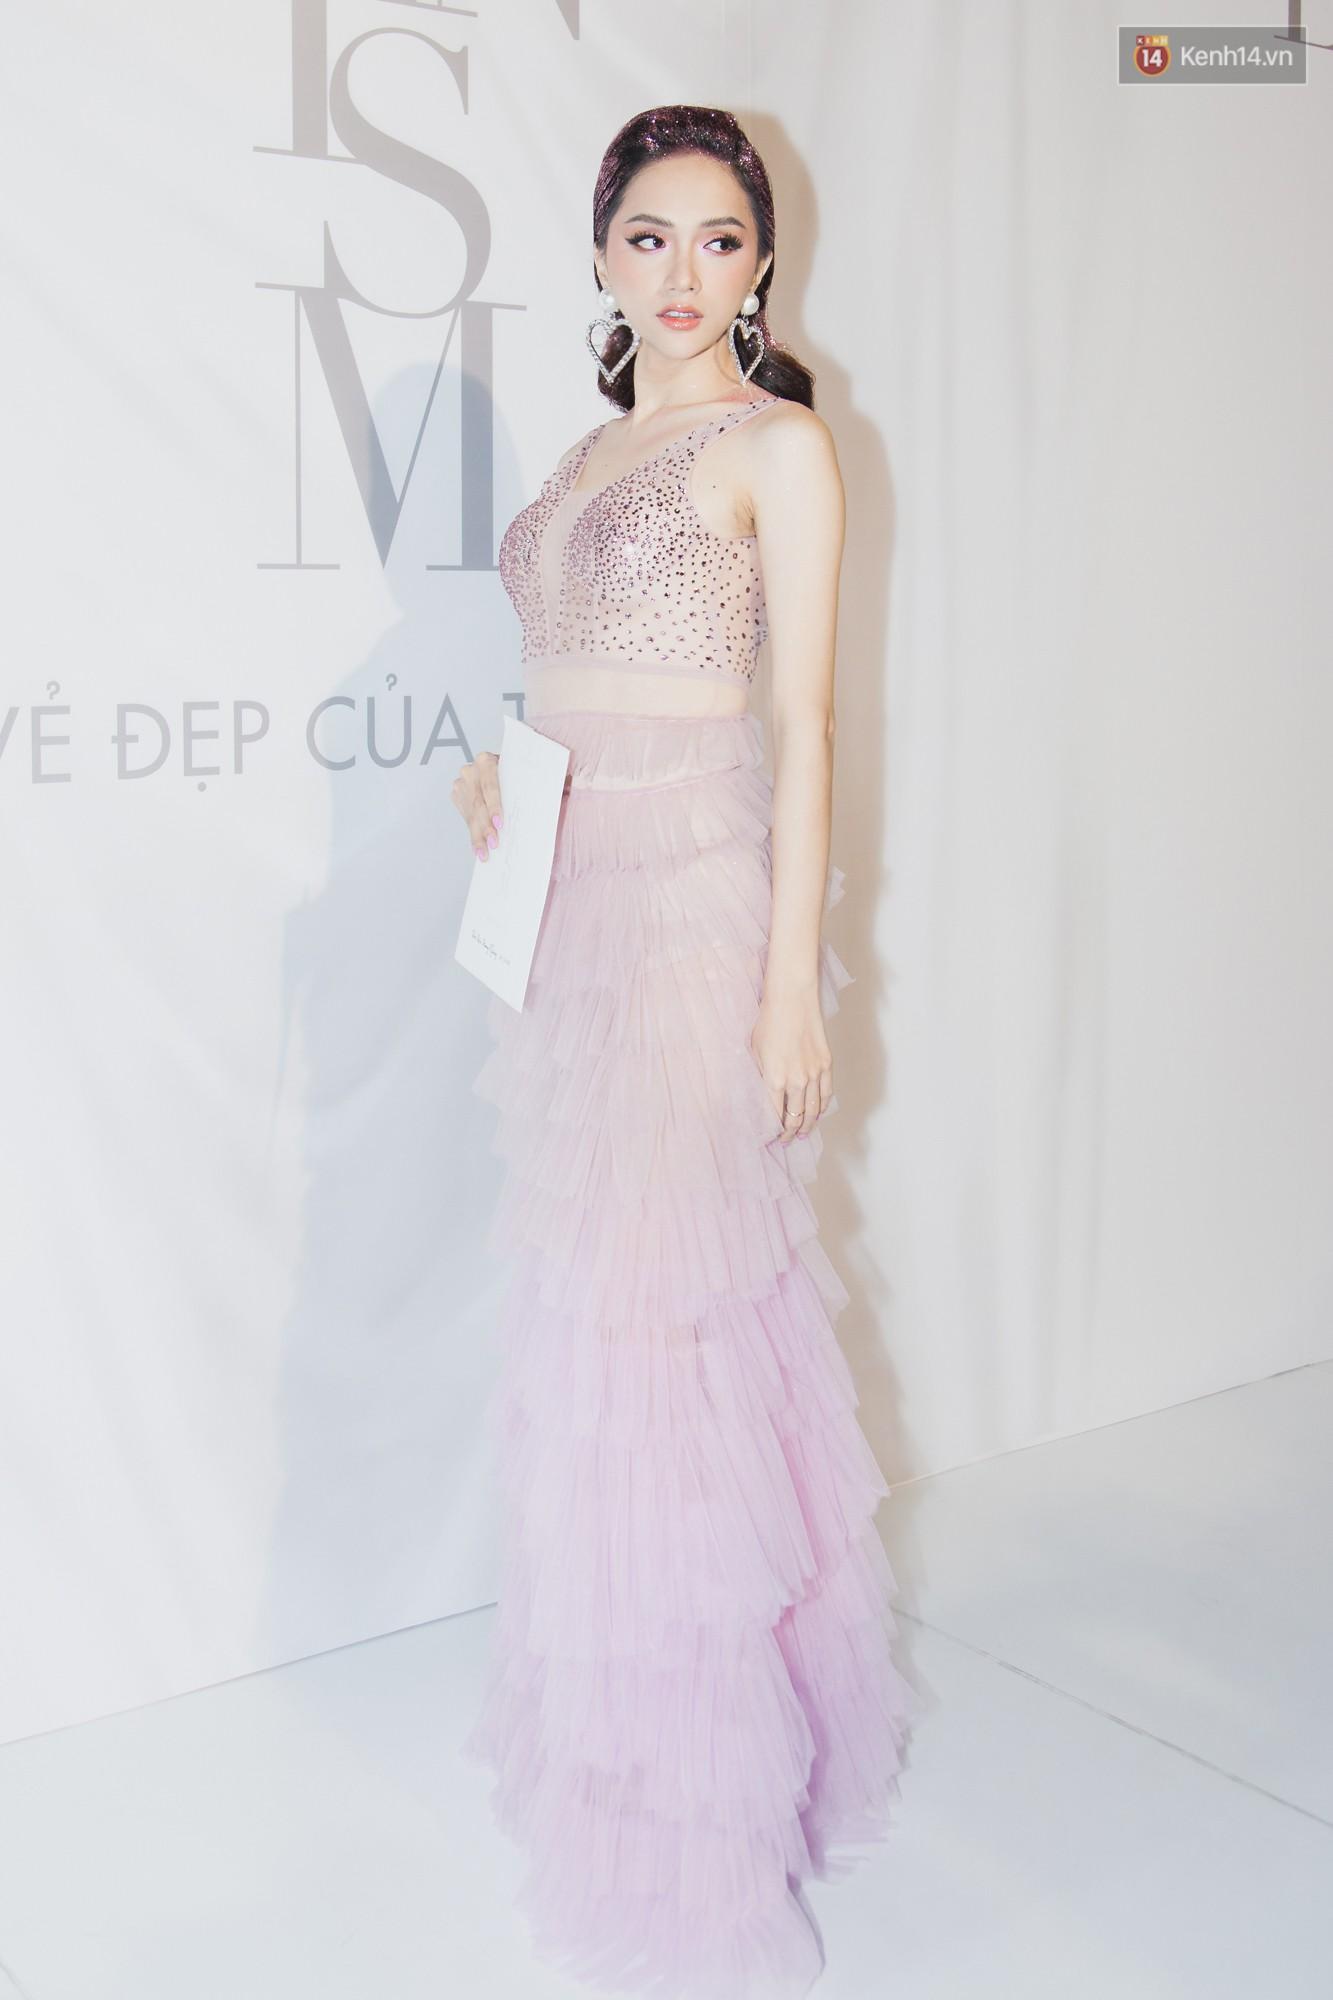 Spotlight thảm đỏ của NTK Lý Quí Khánh: Khi Hòa Minzy trông còn Hoa hậu hơn cả Hoa hậu Tiểu Vy - Ảnh 12.